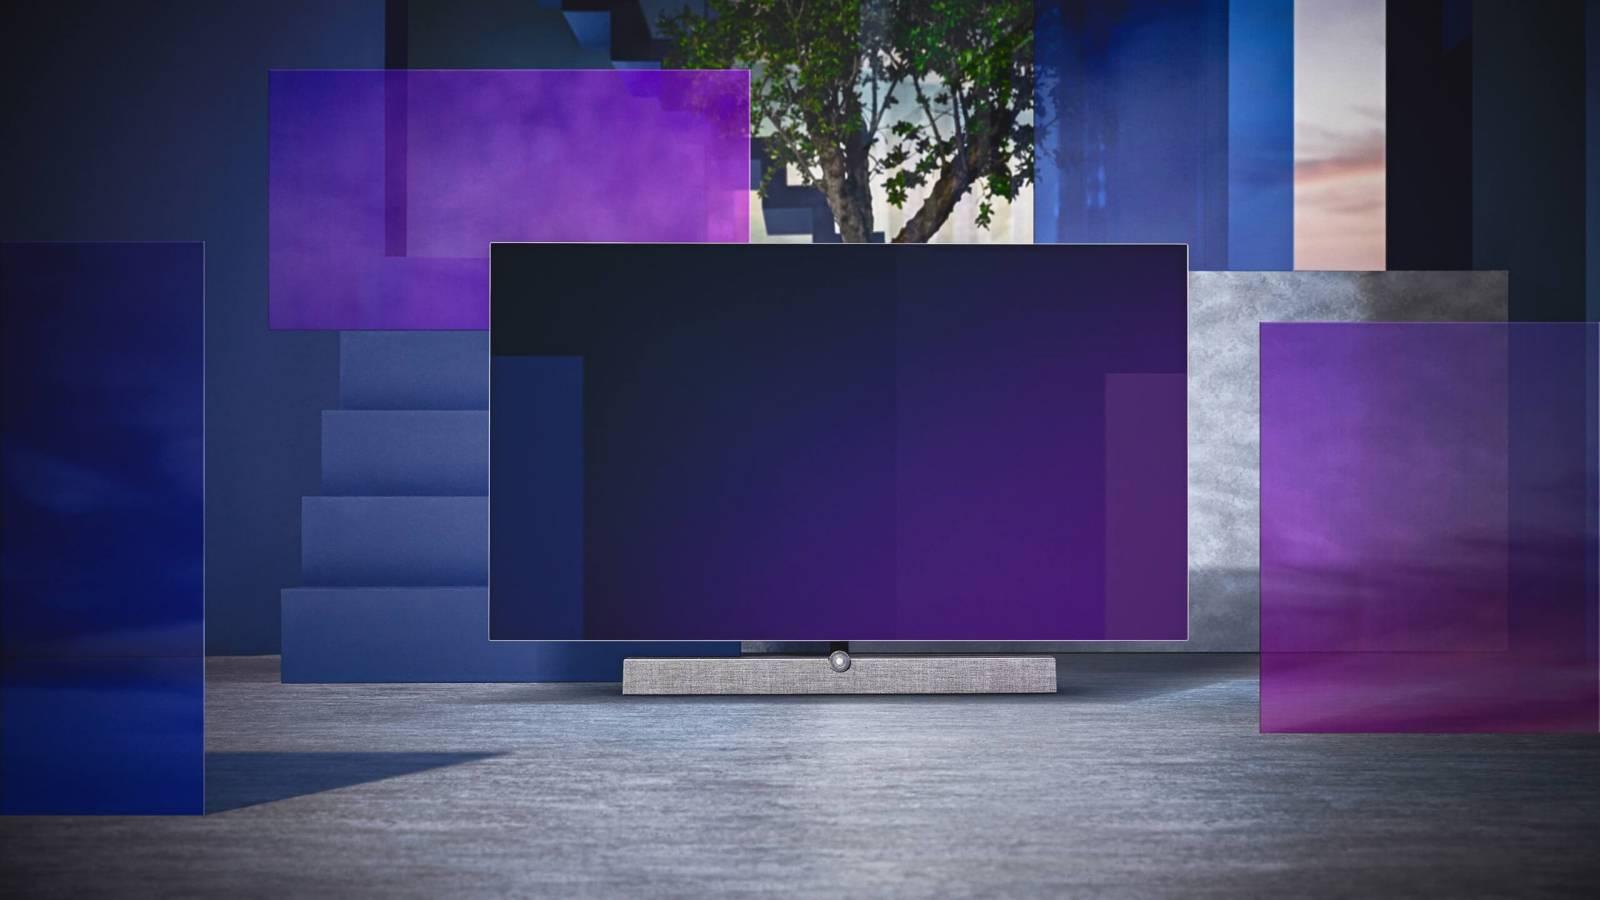 Televizorul Philips OLED 935 Inteligenta Artificiala